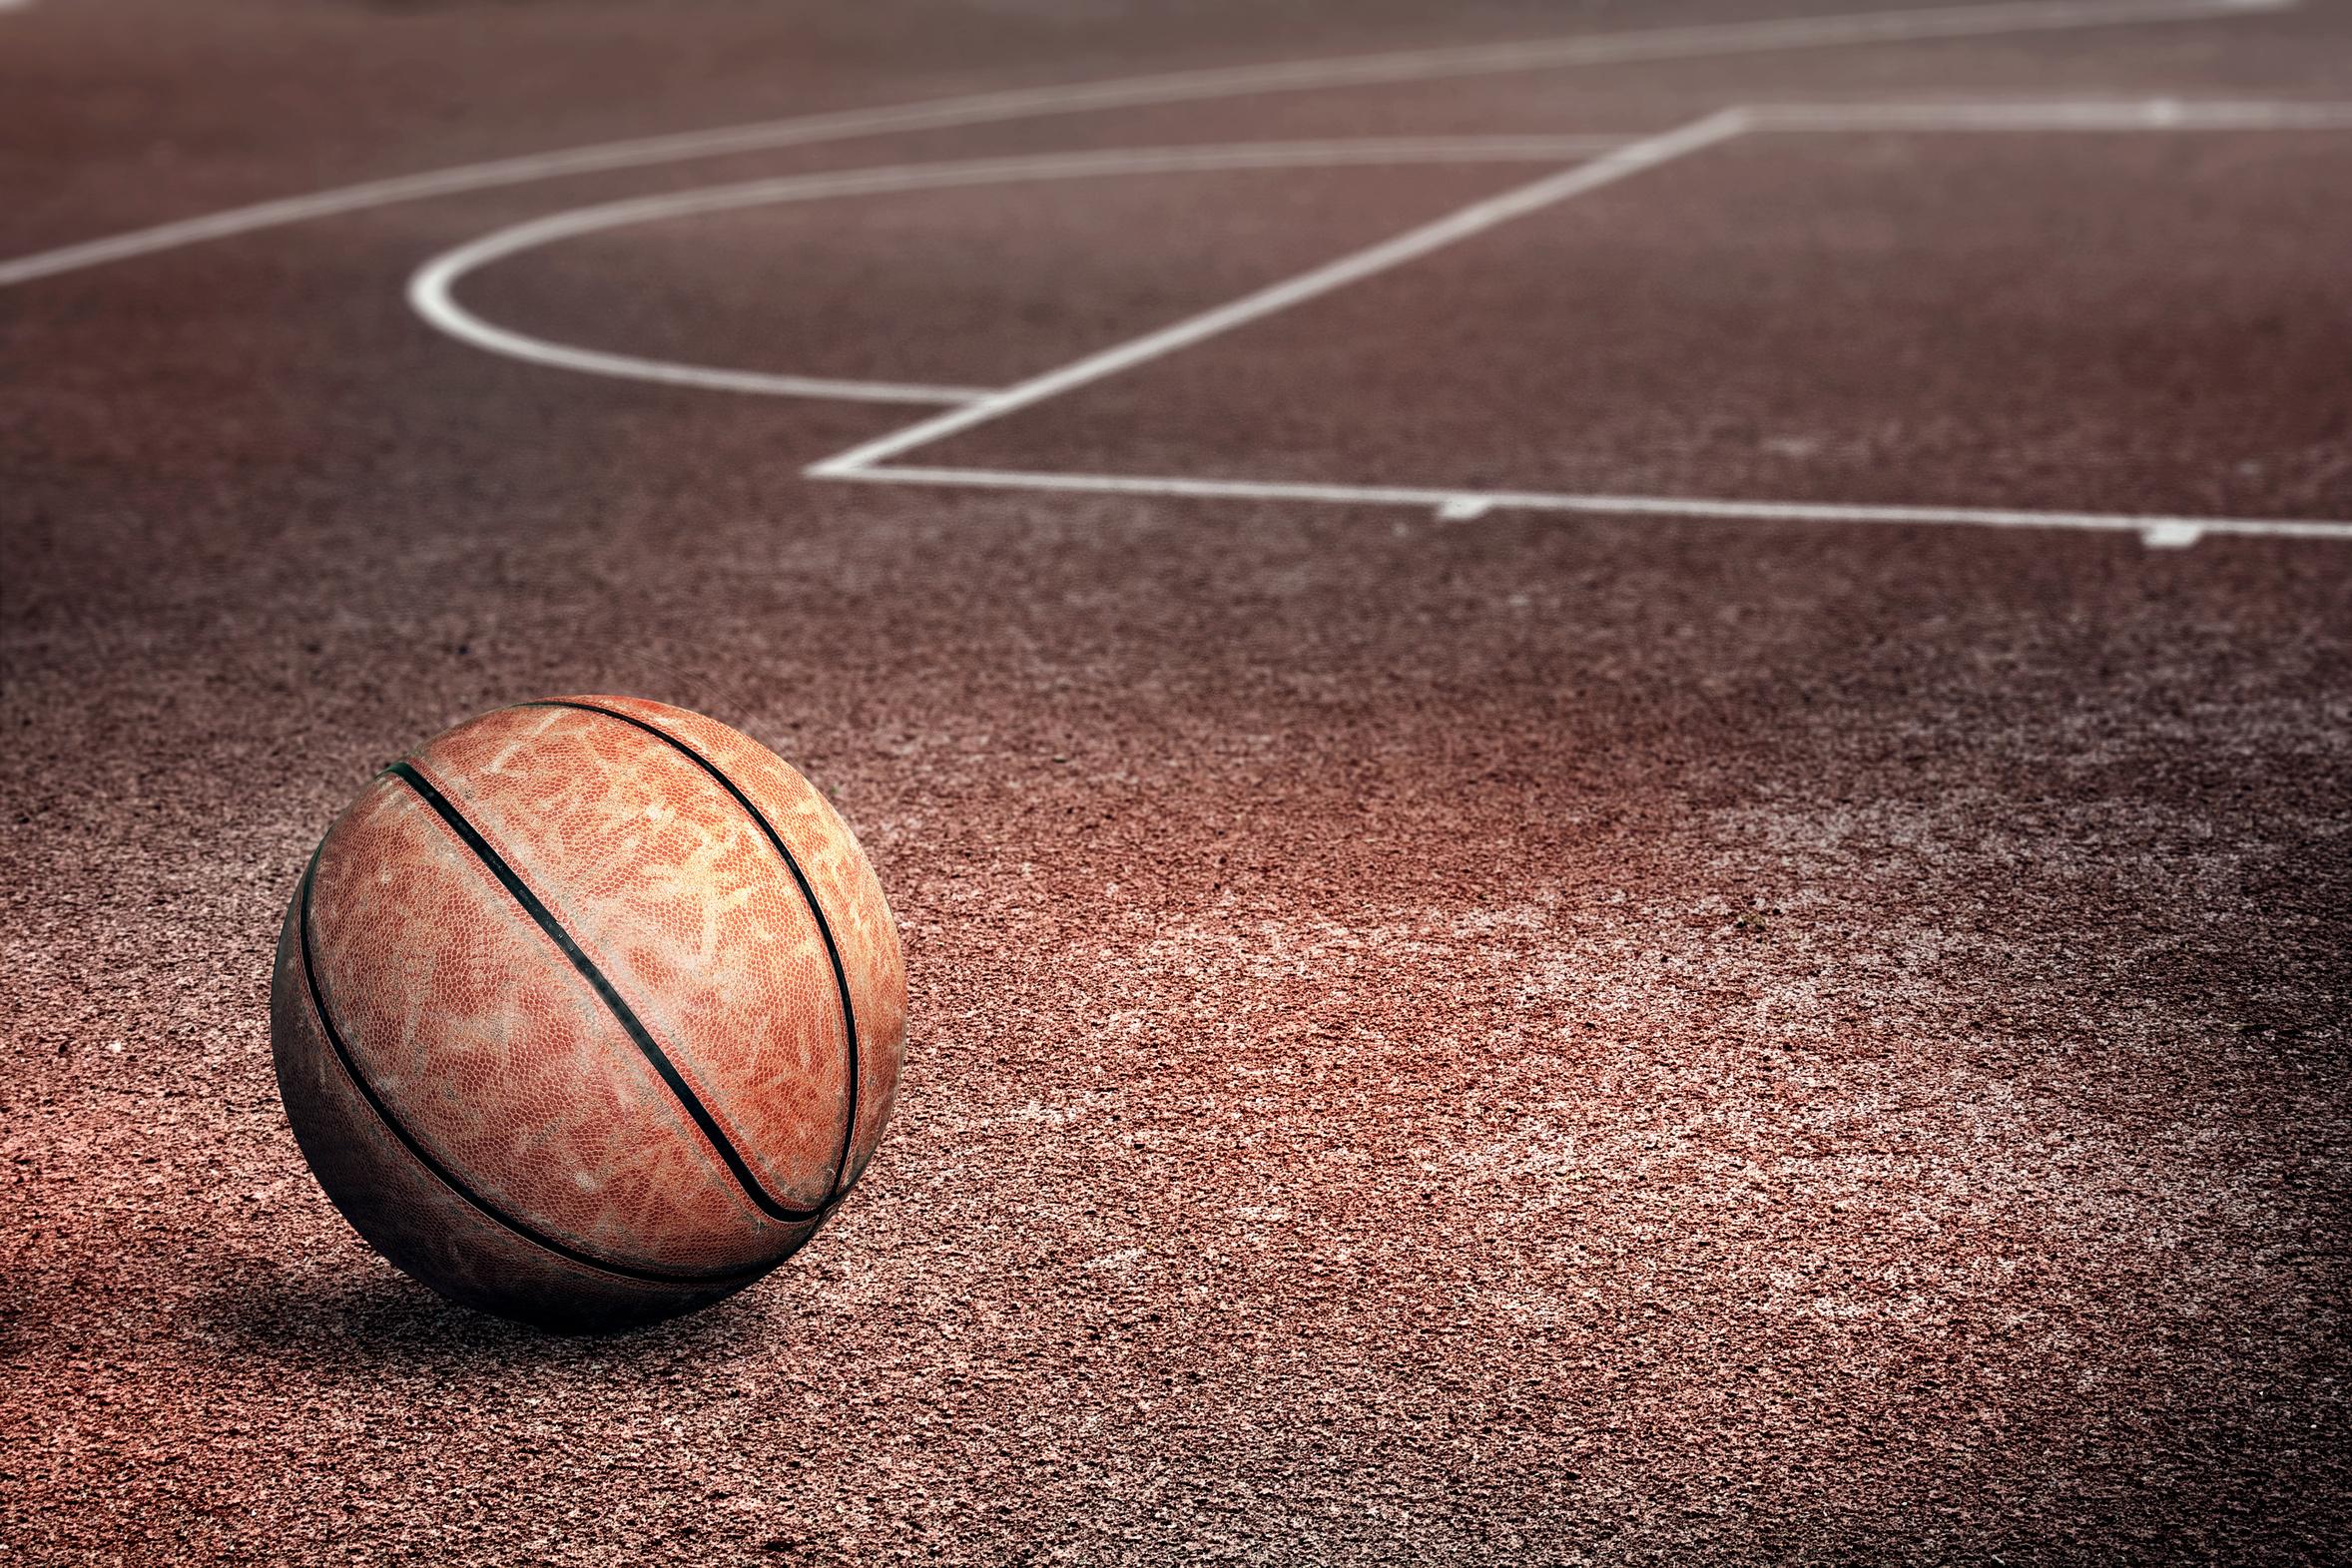 Шутка негр баскетбольный мяч